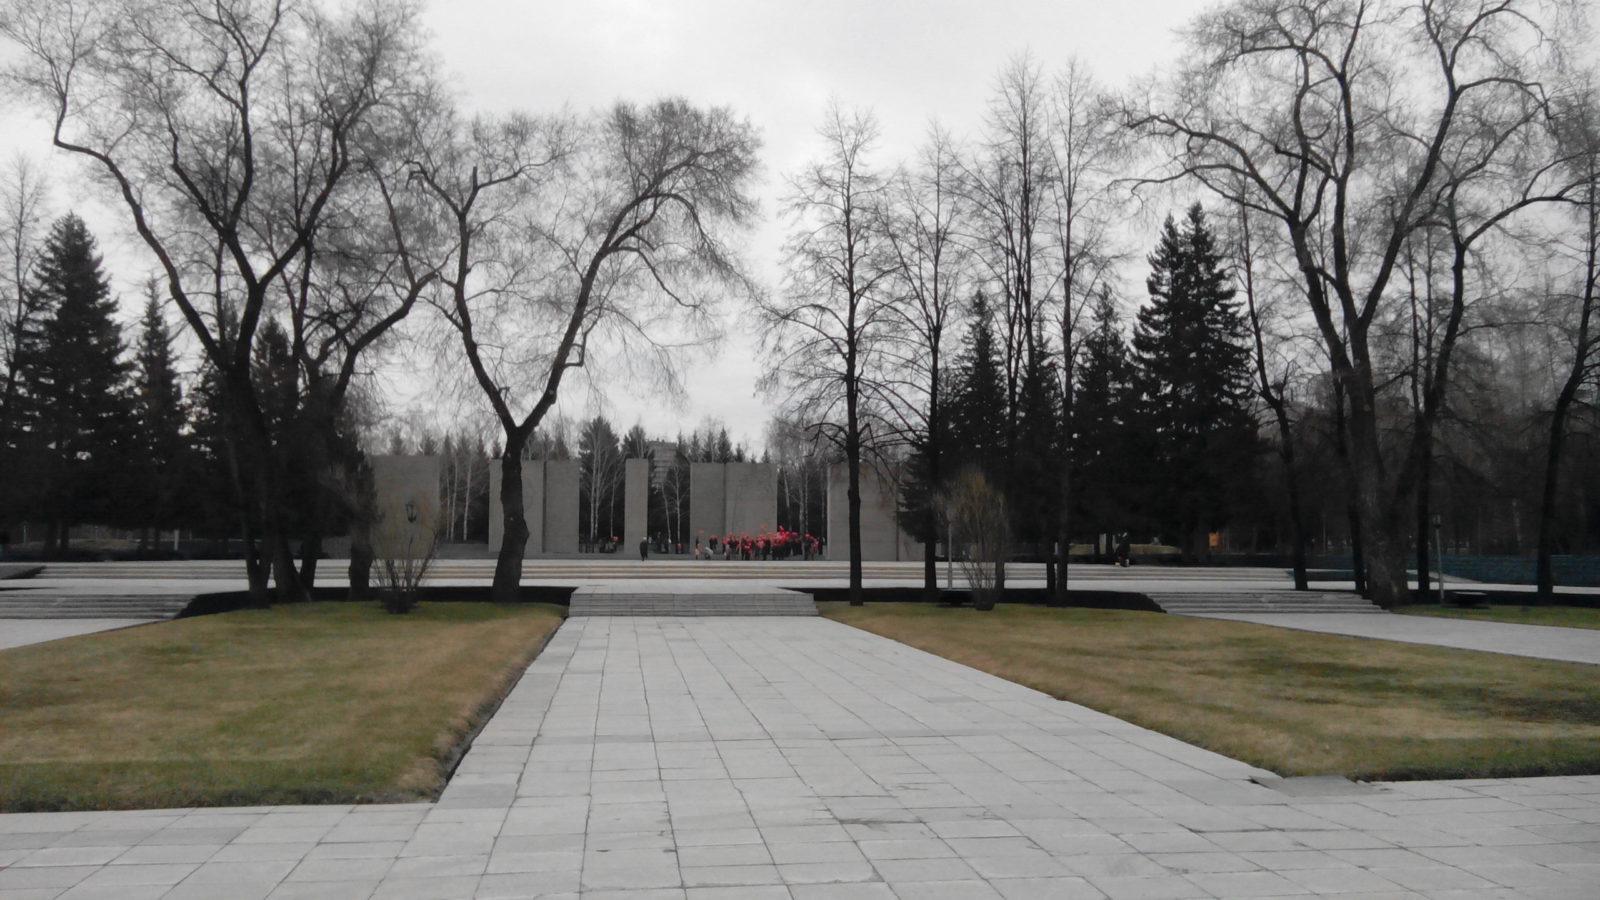 Фото Нашествие педофилов: новосибирцы пожаловались на приставания взрослых мужчин к детям осенью в Новосибирске 2